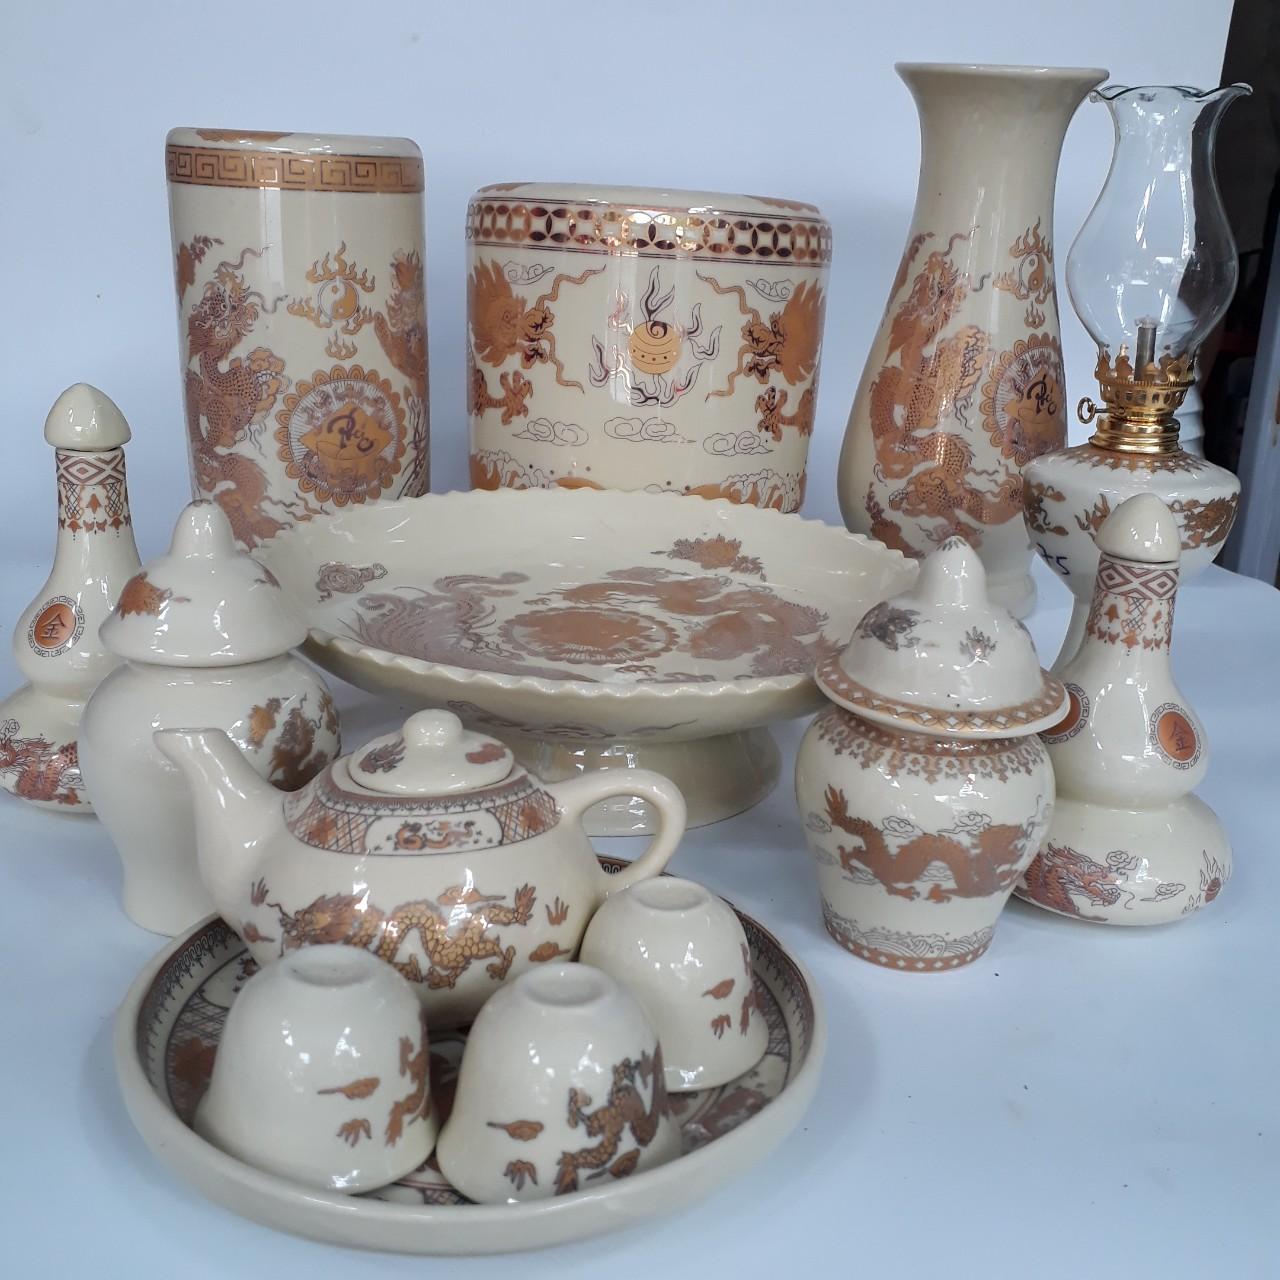 Bộ 2 chéo thờ -  hũ đựng muối, gạo dùng cho ban thờ thần tài, bàn thờ gia tiên- vàng kim